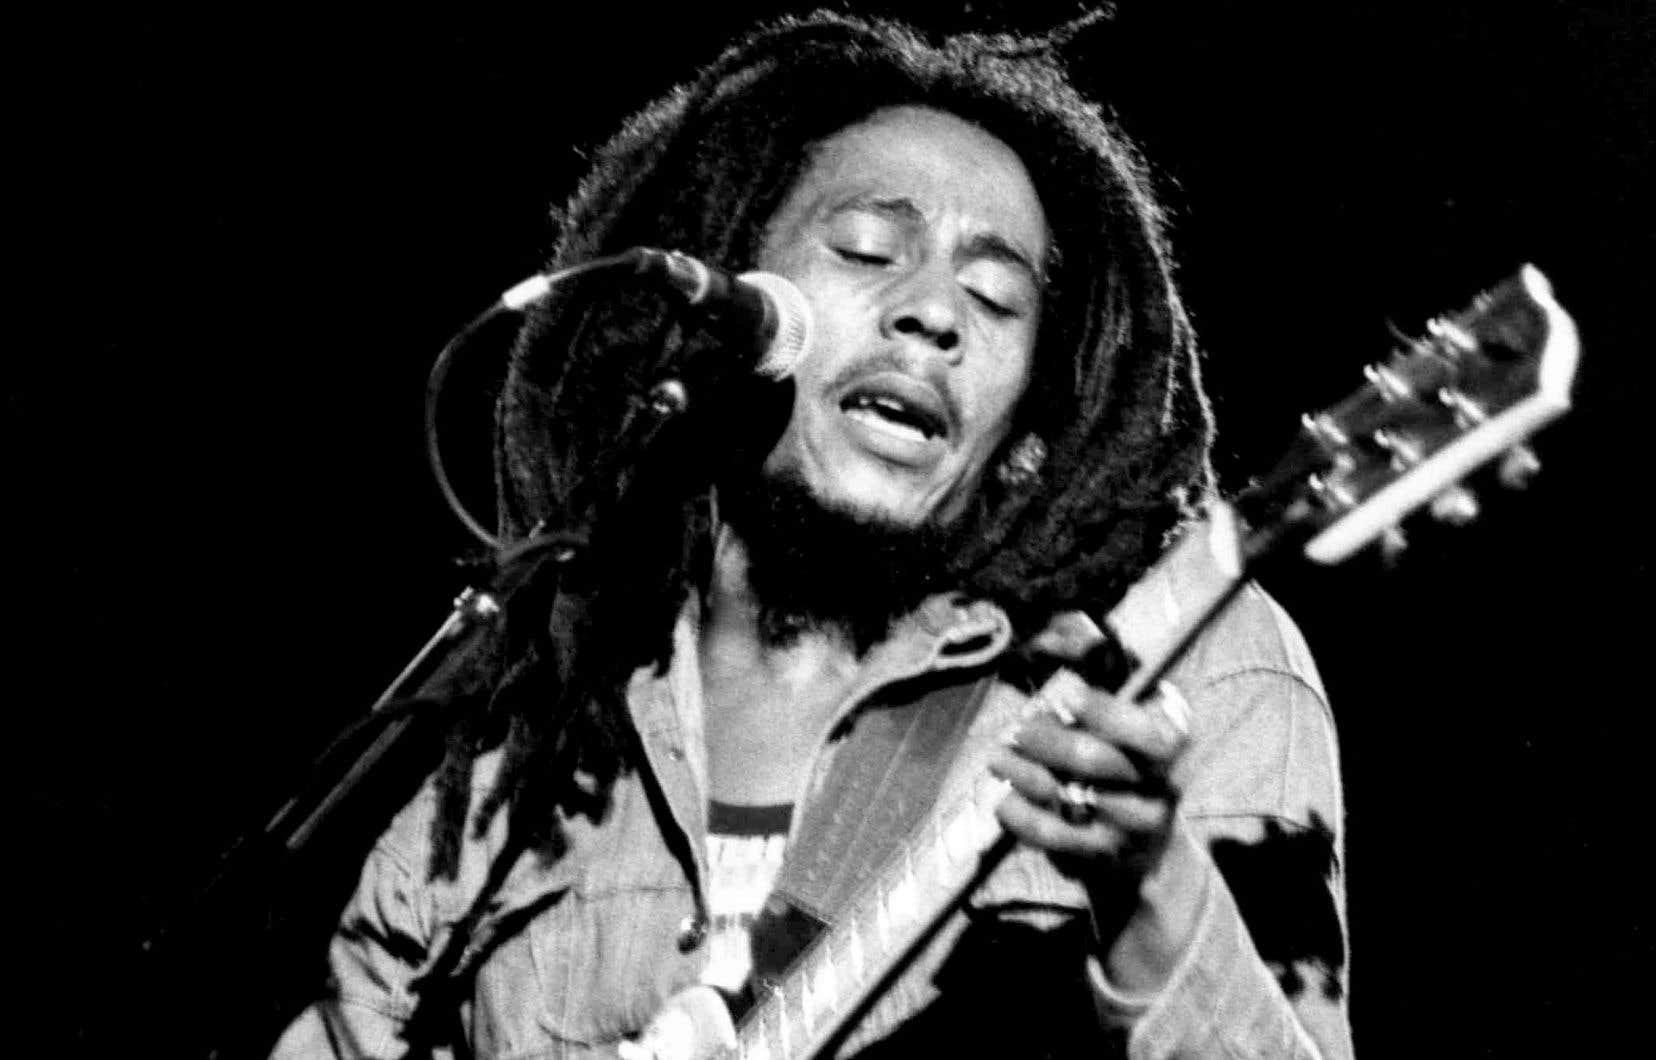 Le chanteur jamaïcain de reggae Bob Marley se produit lors d'un concert du festival de reggae à Paris le 4 juillet 1980.